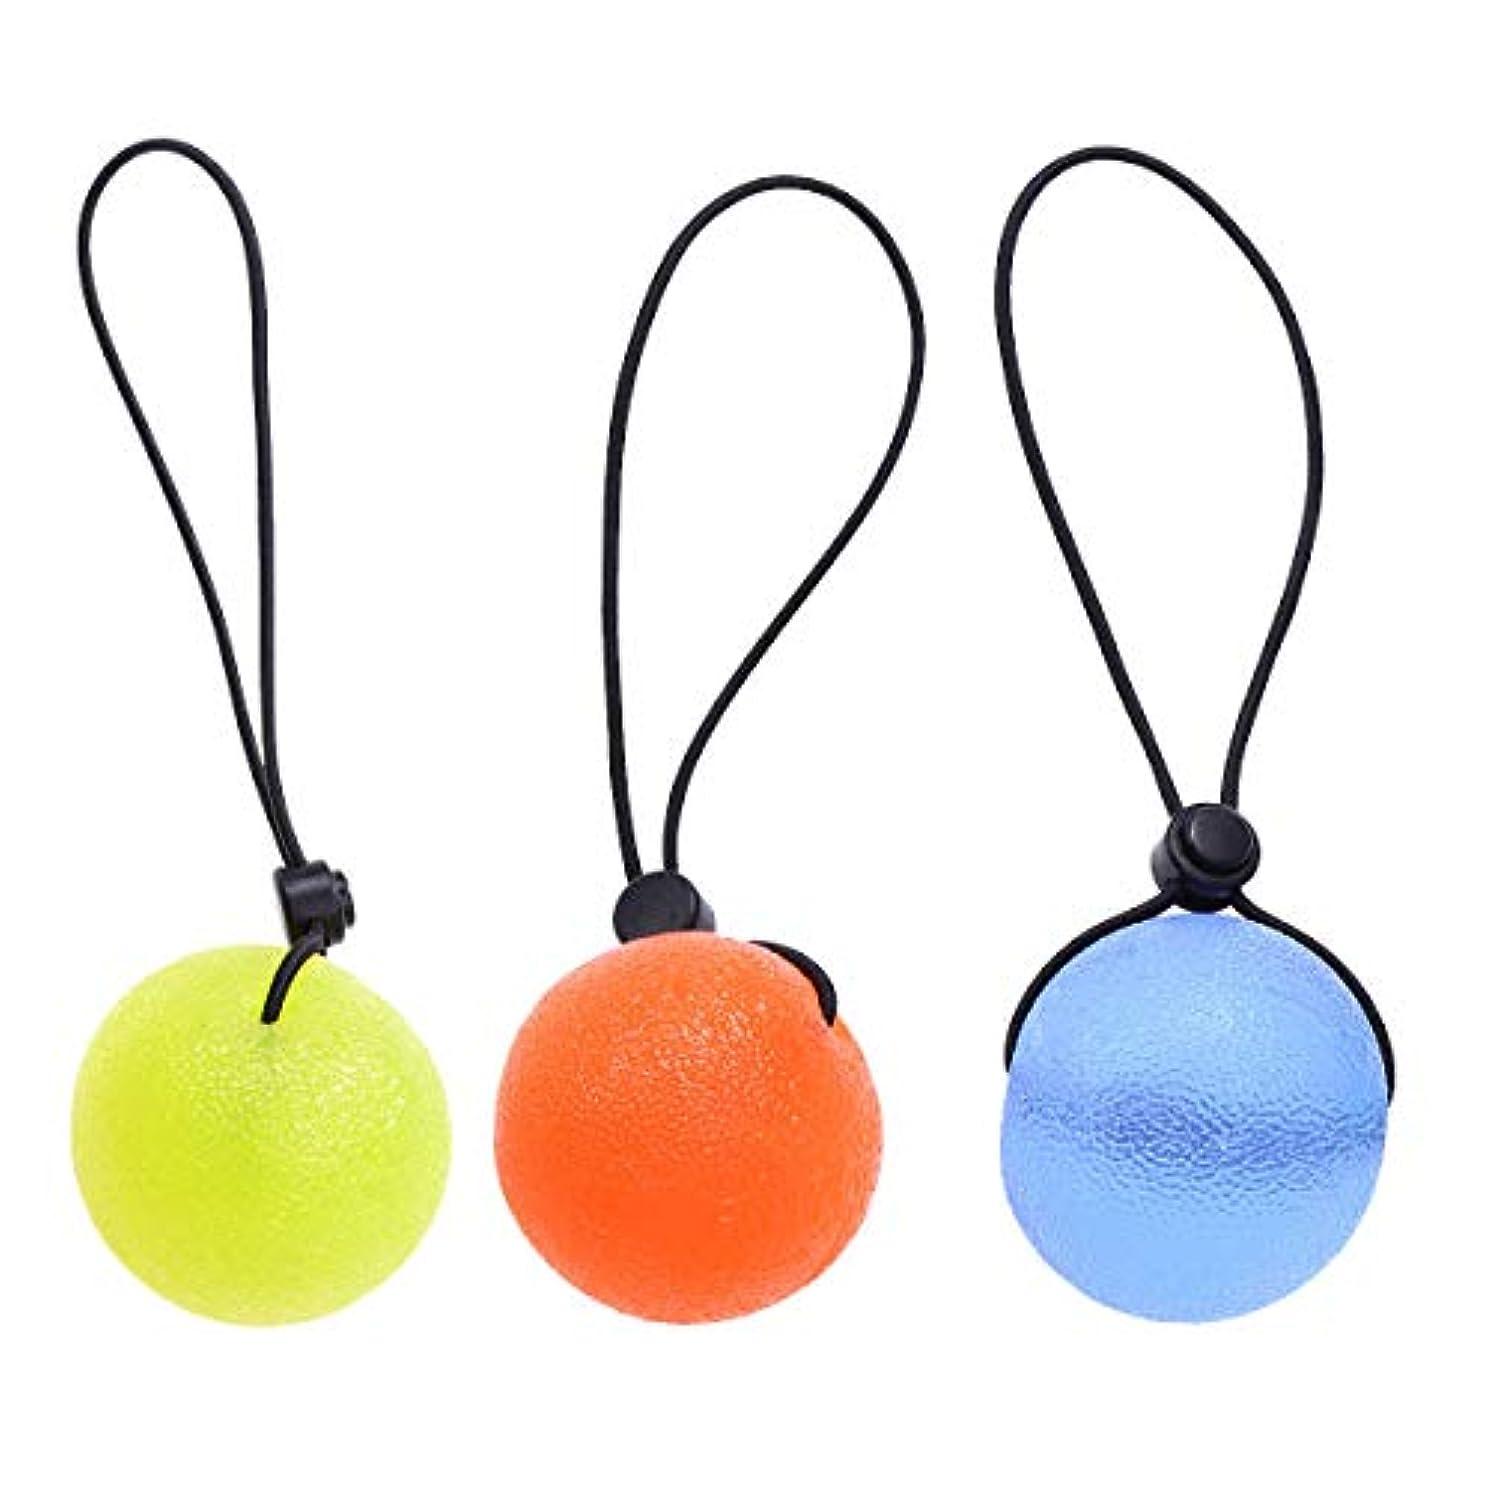 巨大ブランド雑多なHEALIFTY ストレスリリーフボール、3本の指グリップボールセラピーエクササイズスクイズ卵ストレスボールストリングフィットネス機器(ランダムカラー)